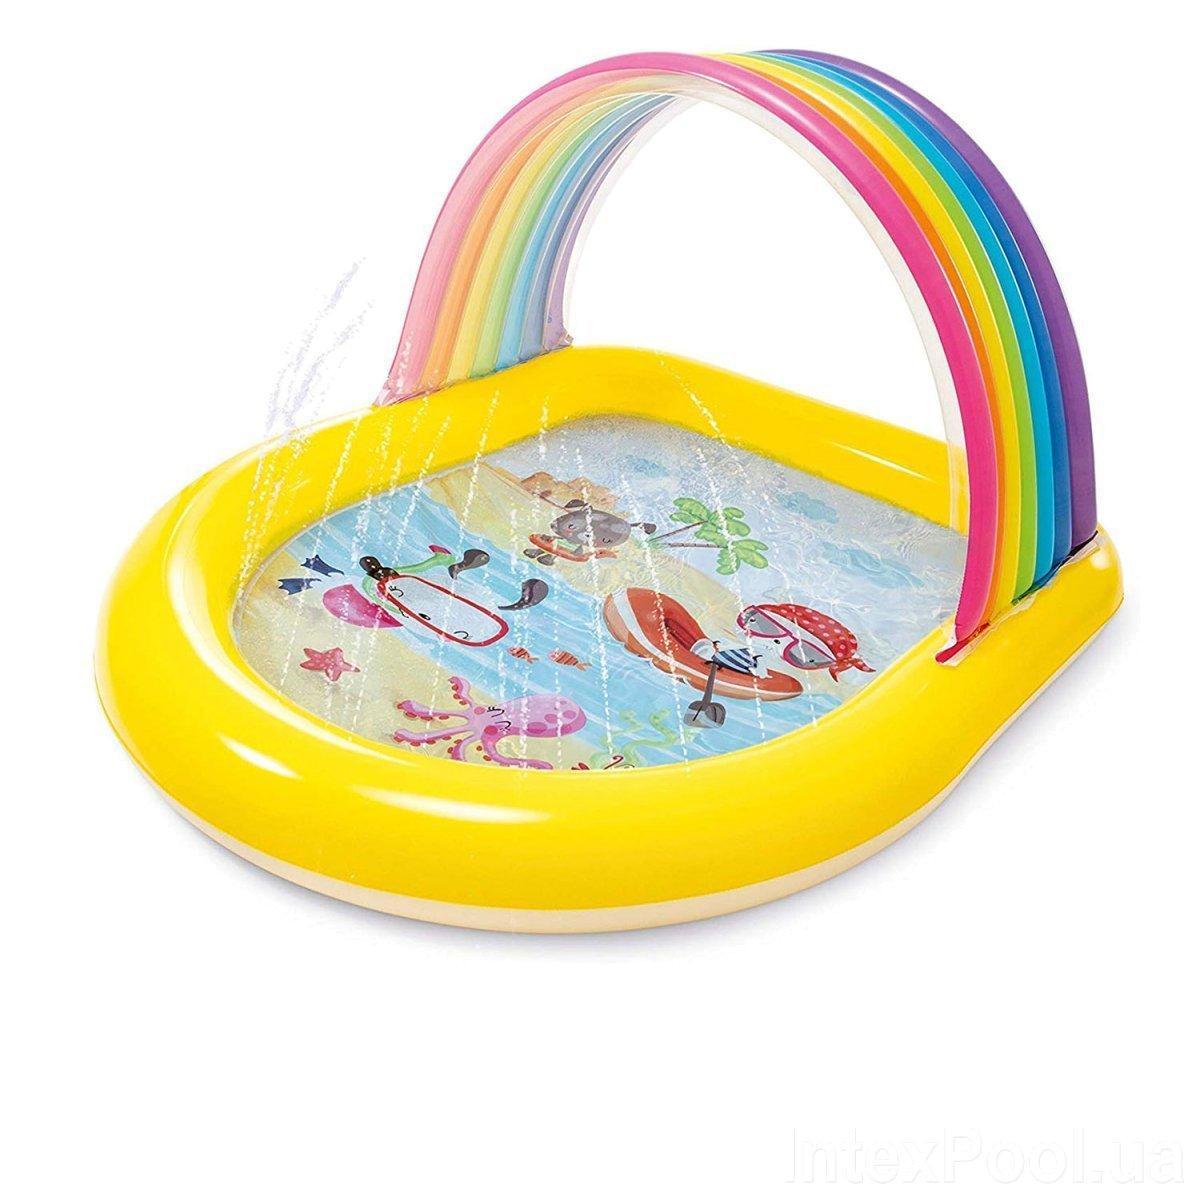 Детский надувной бассейн Intex 57156 Радуга, 147 х 130 х 86 см